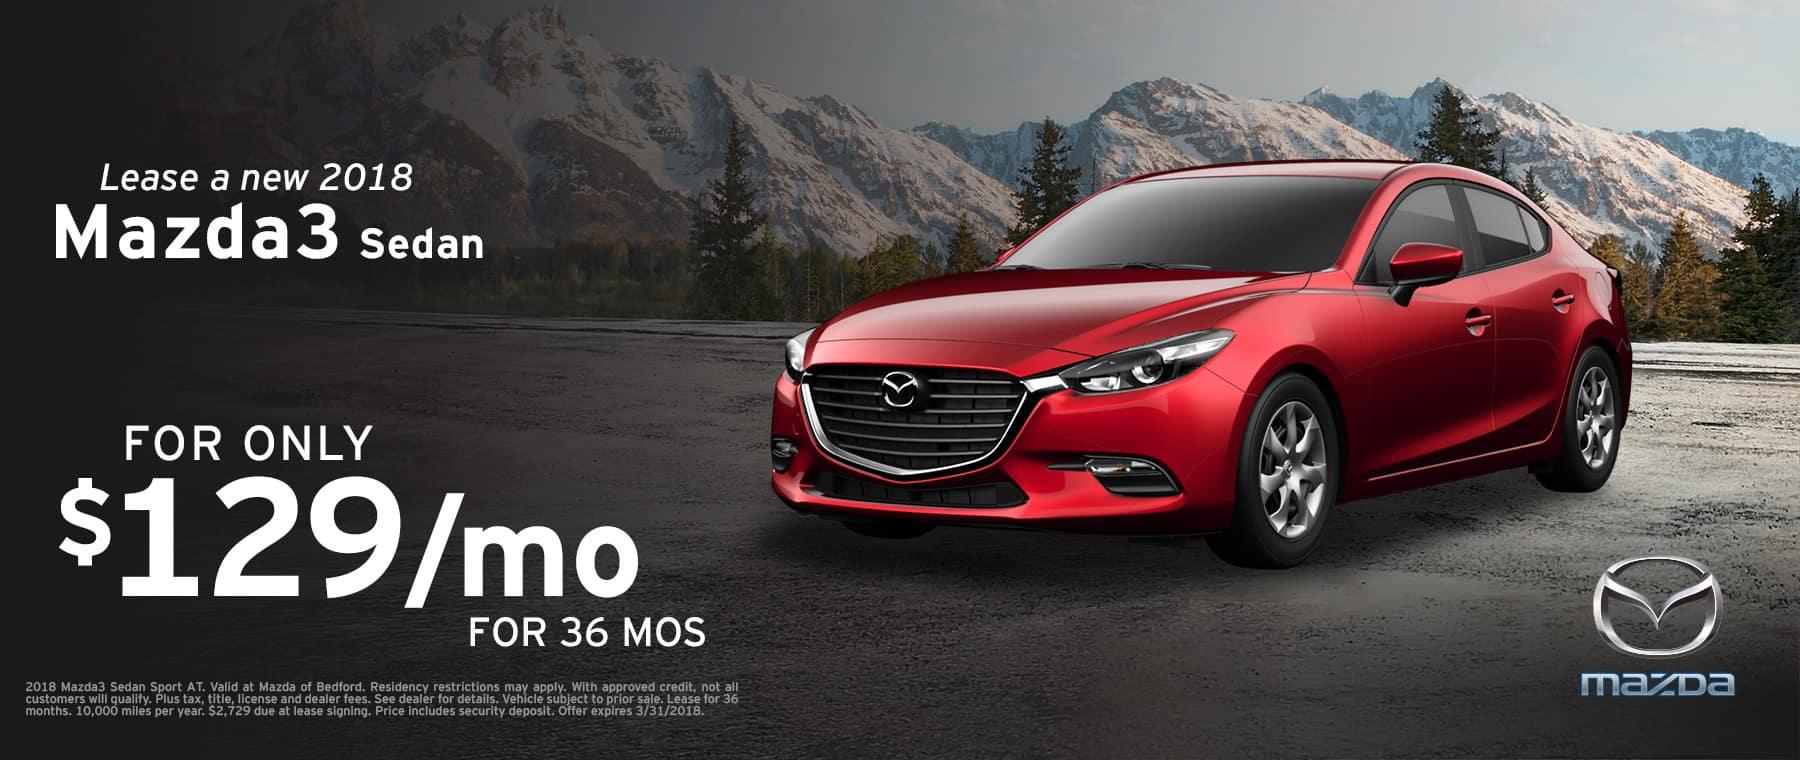 2018 Mazda3 Special